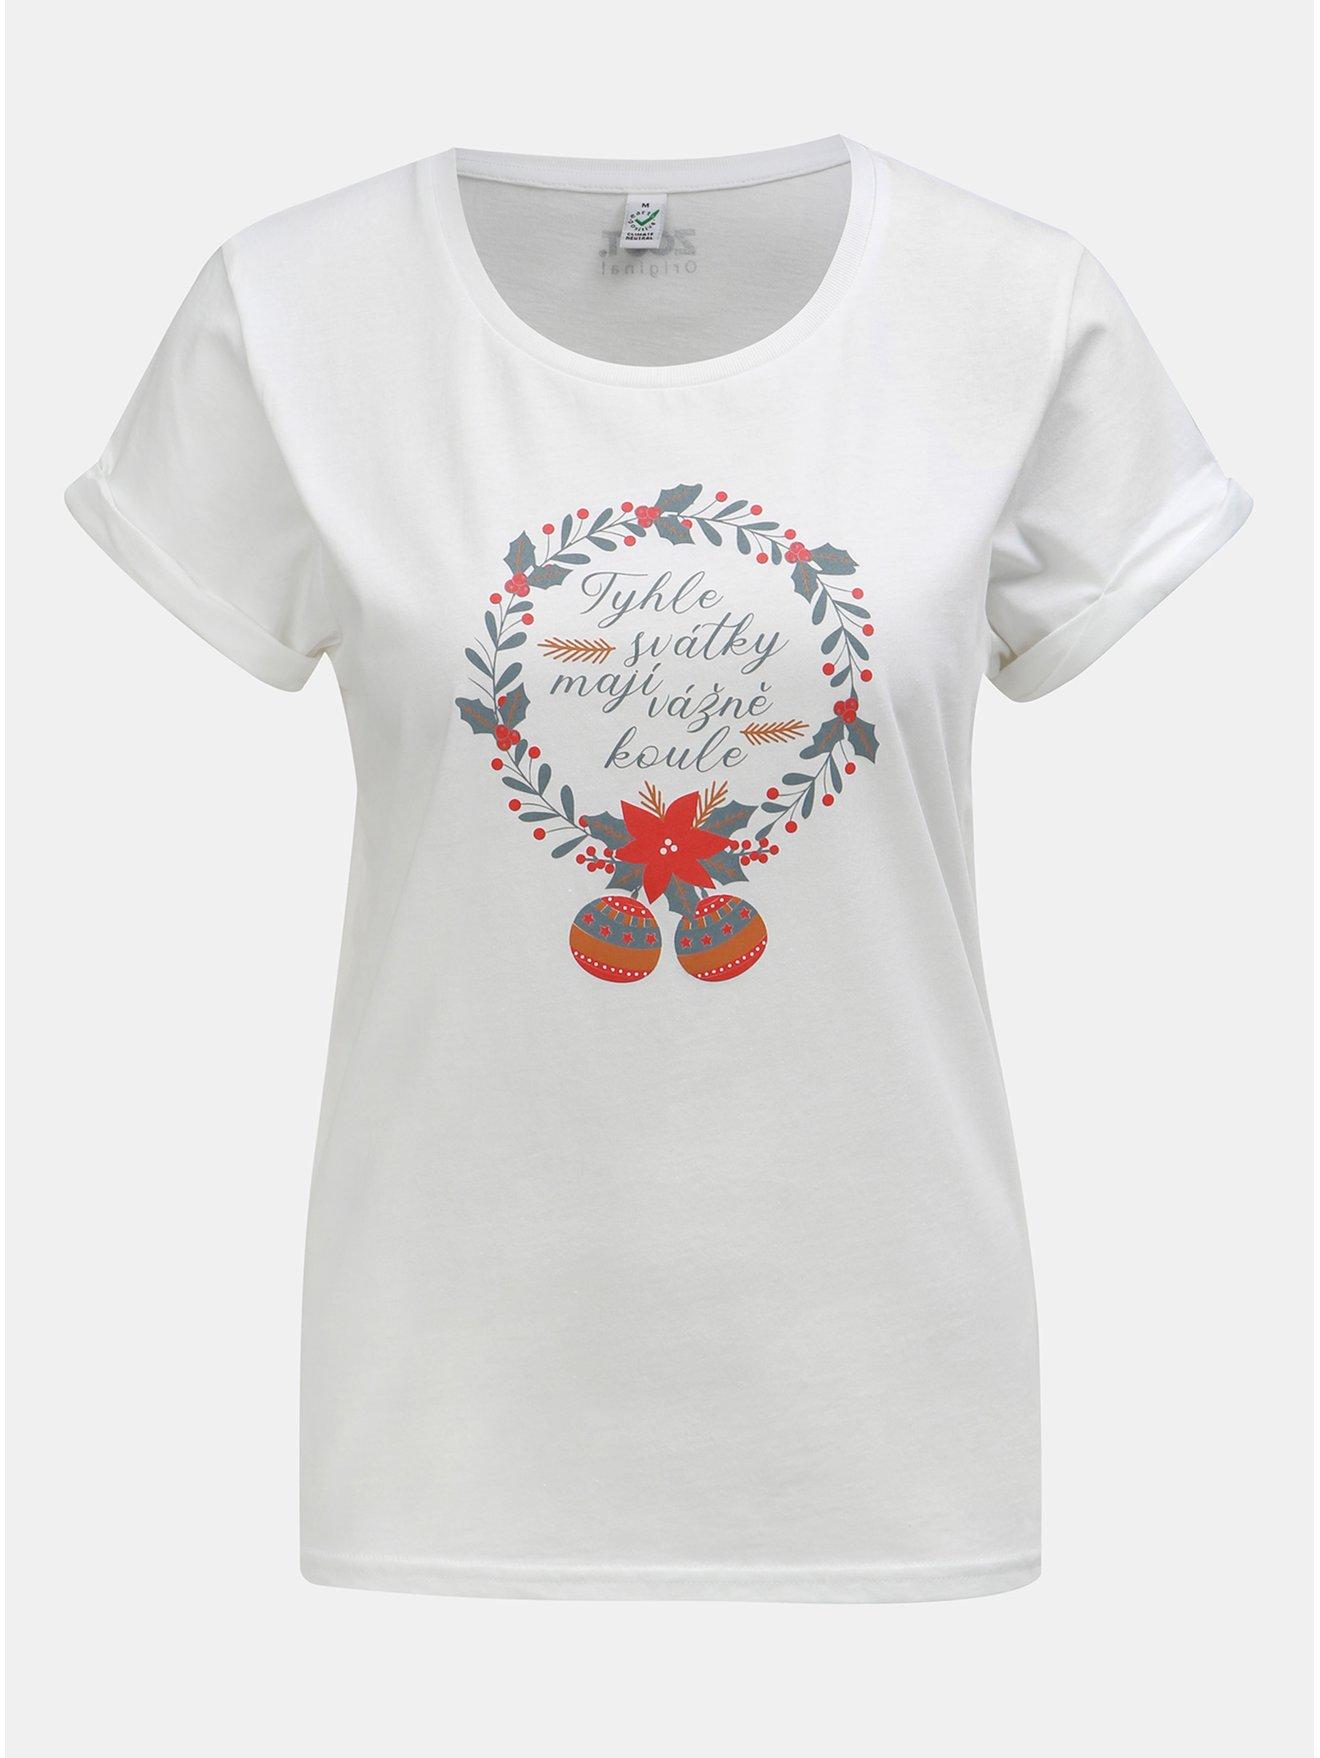 Fotografie Bílé dámské tričko a potiskem ZOOT Original Svátky mají koule